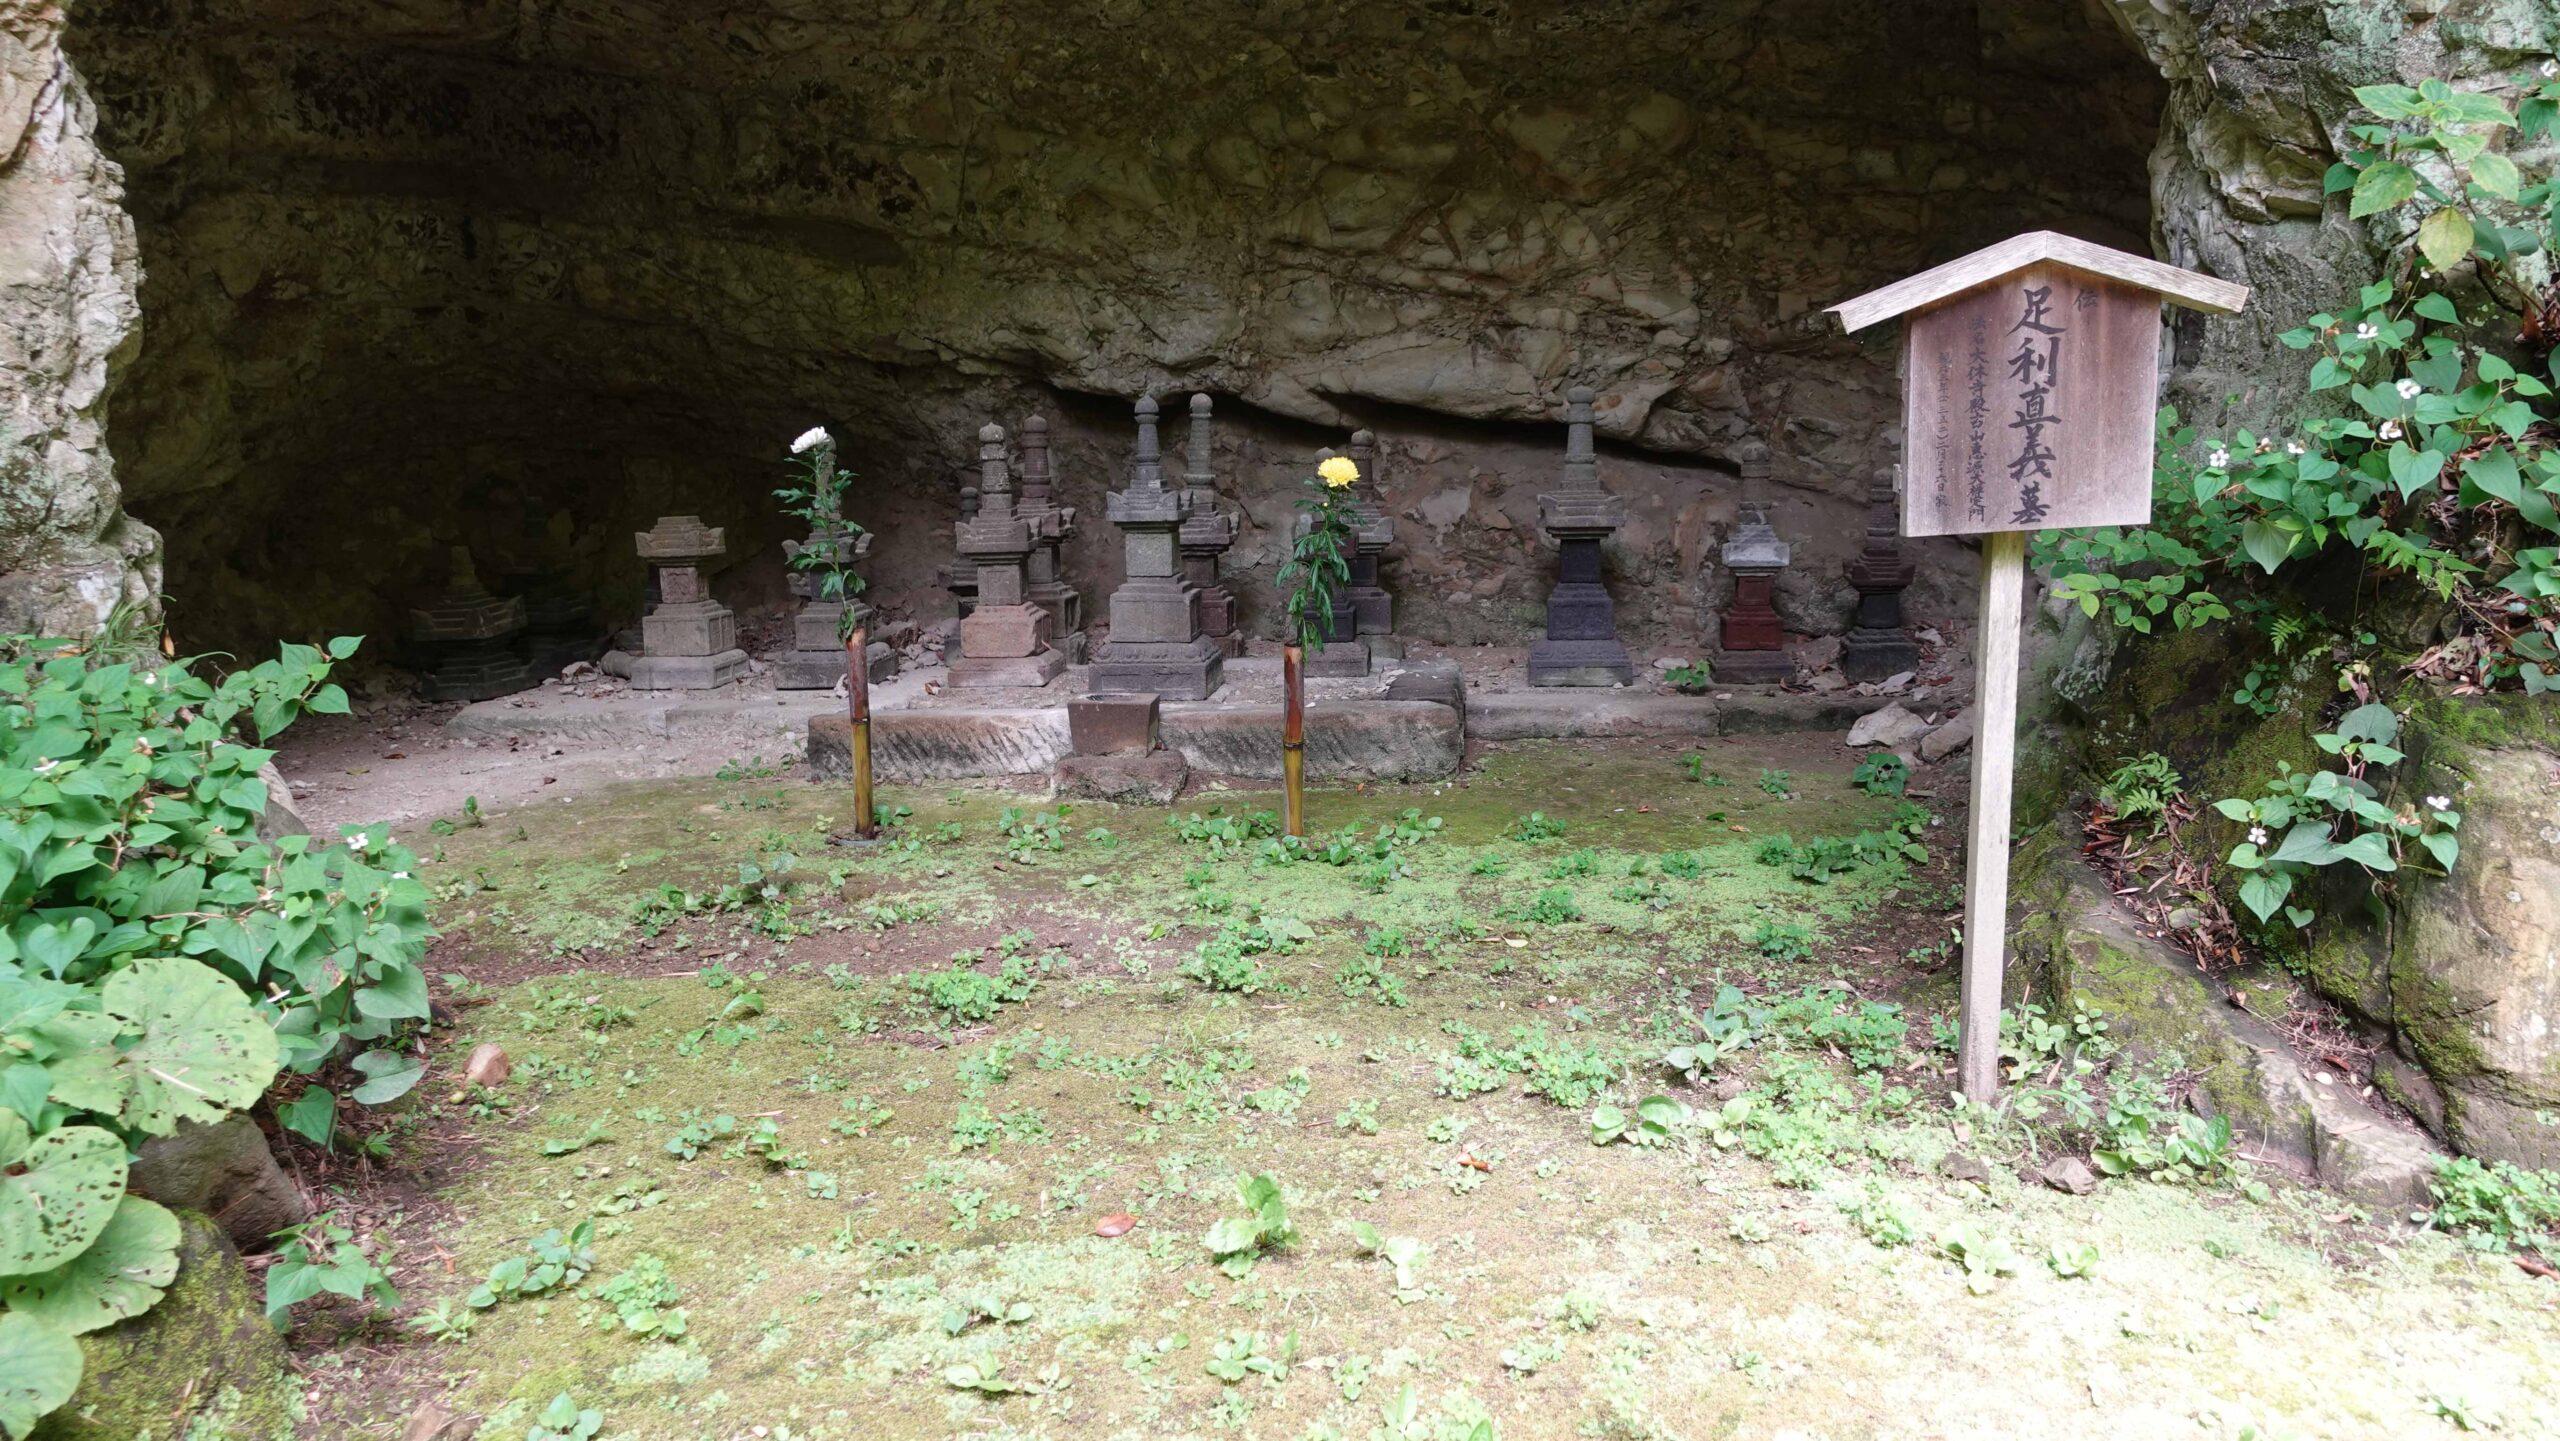 足利直義 墓